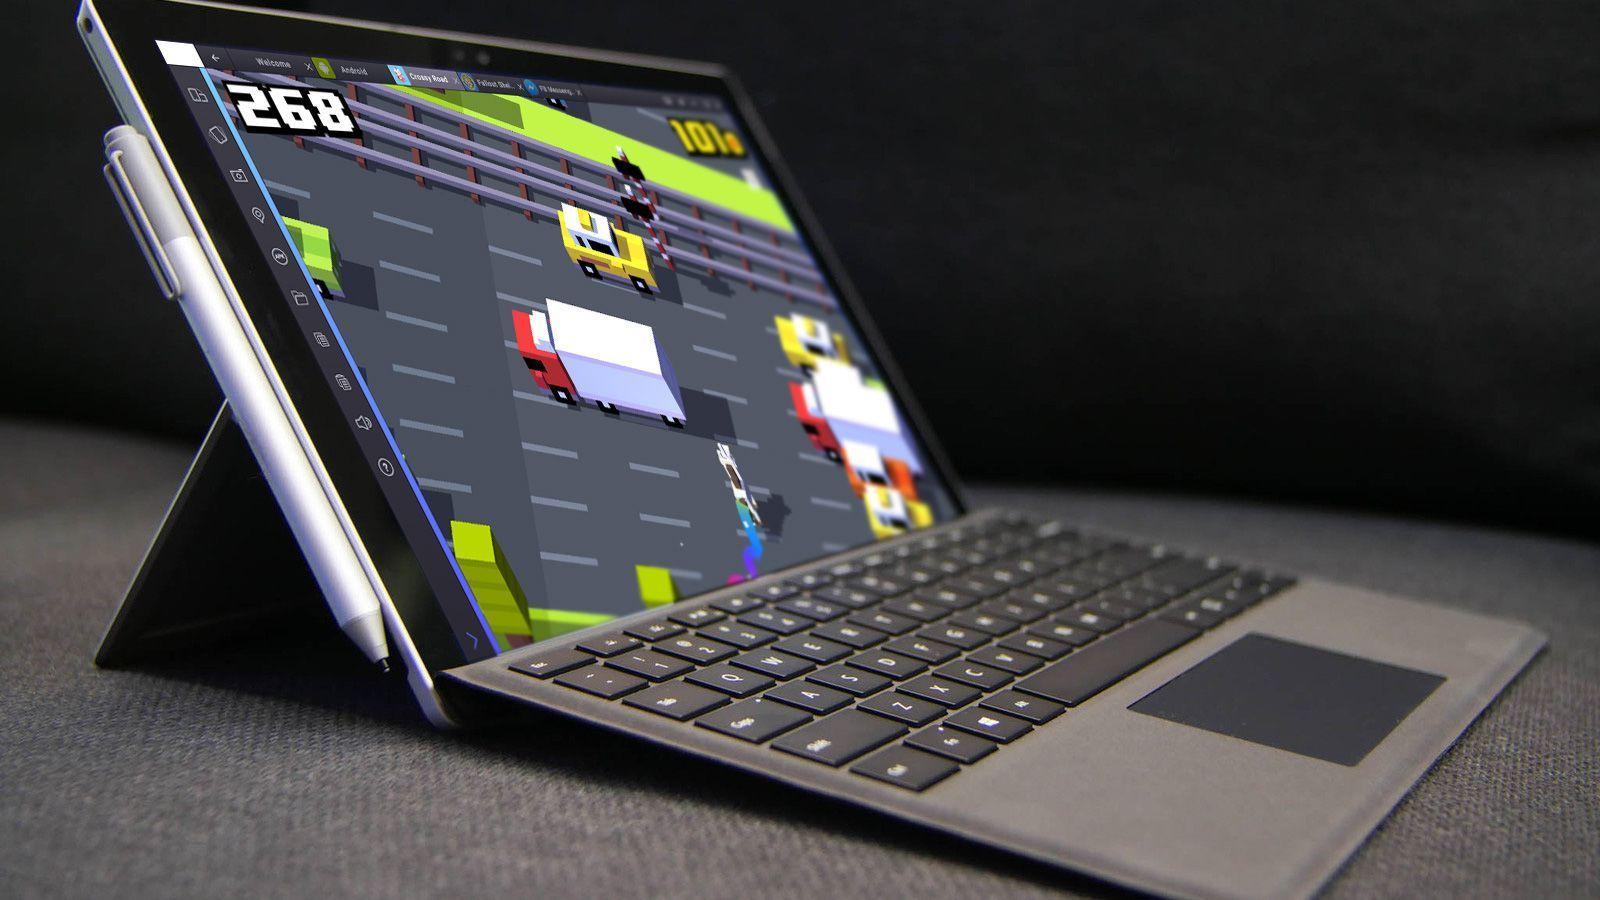 Surface Pro 4 Running BlueStacks 2